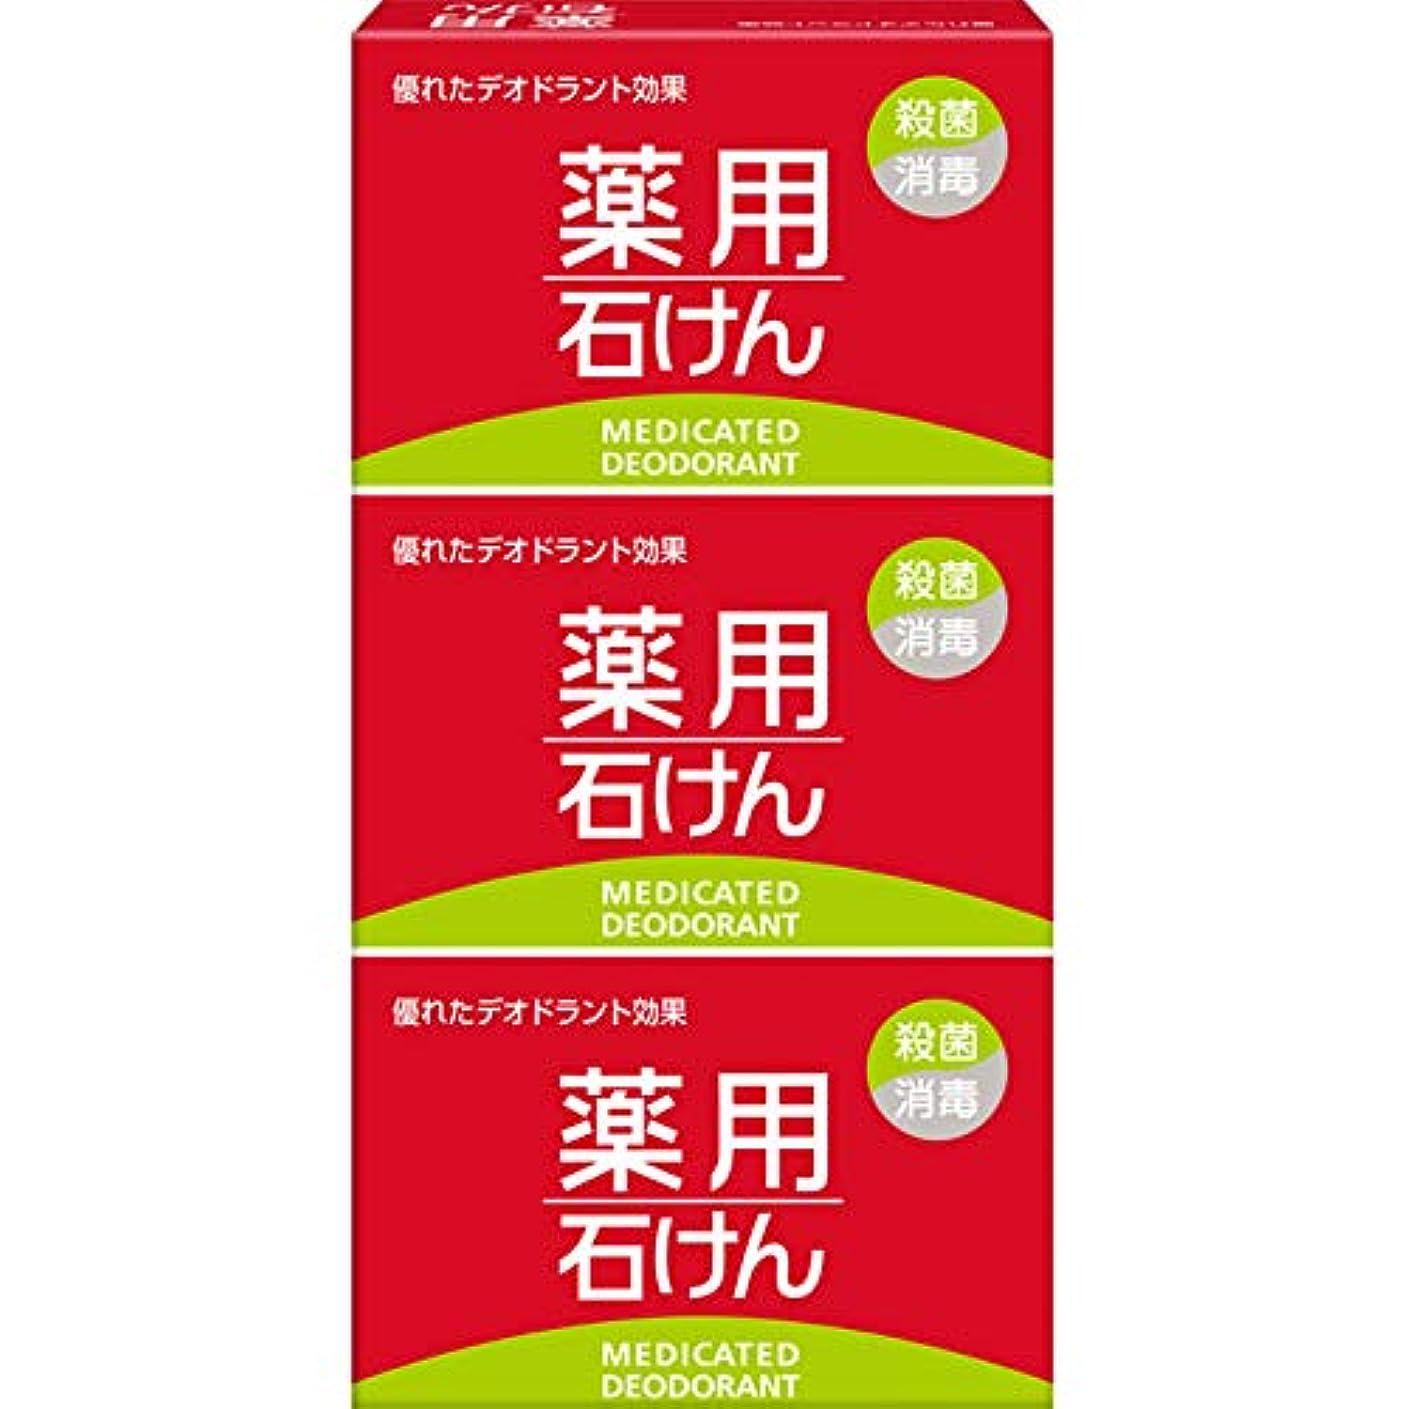 フォーマル気味の悪い階下MK 薬用石けん 100g×3個 (医薬部外品)